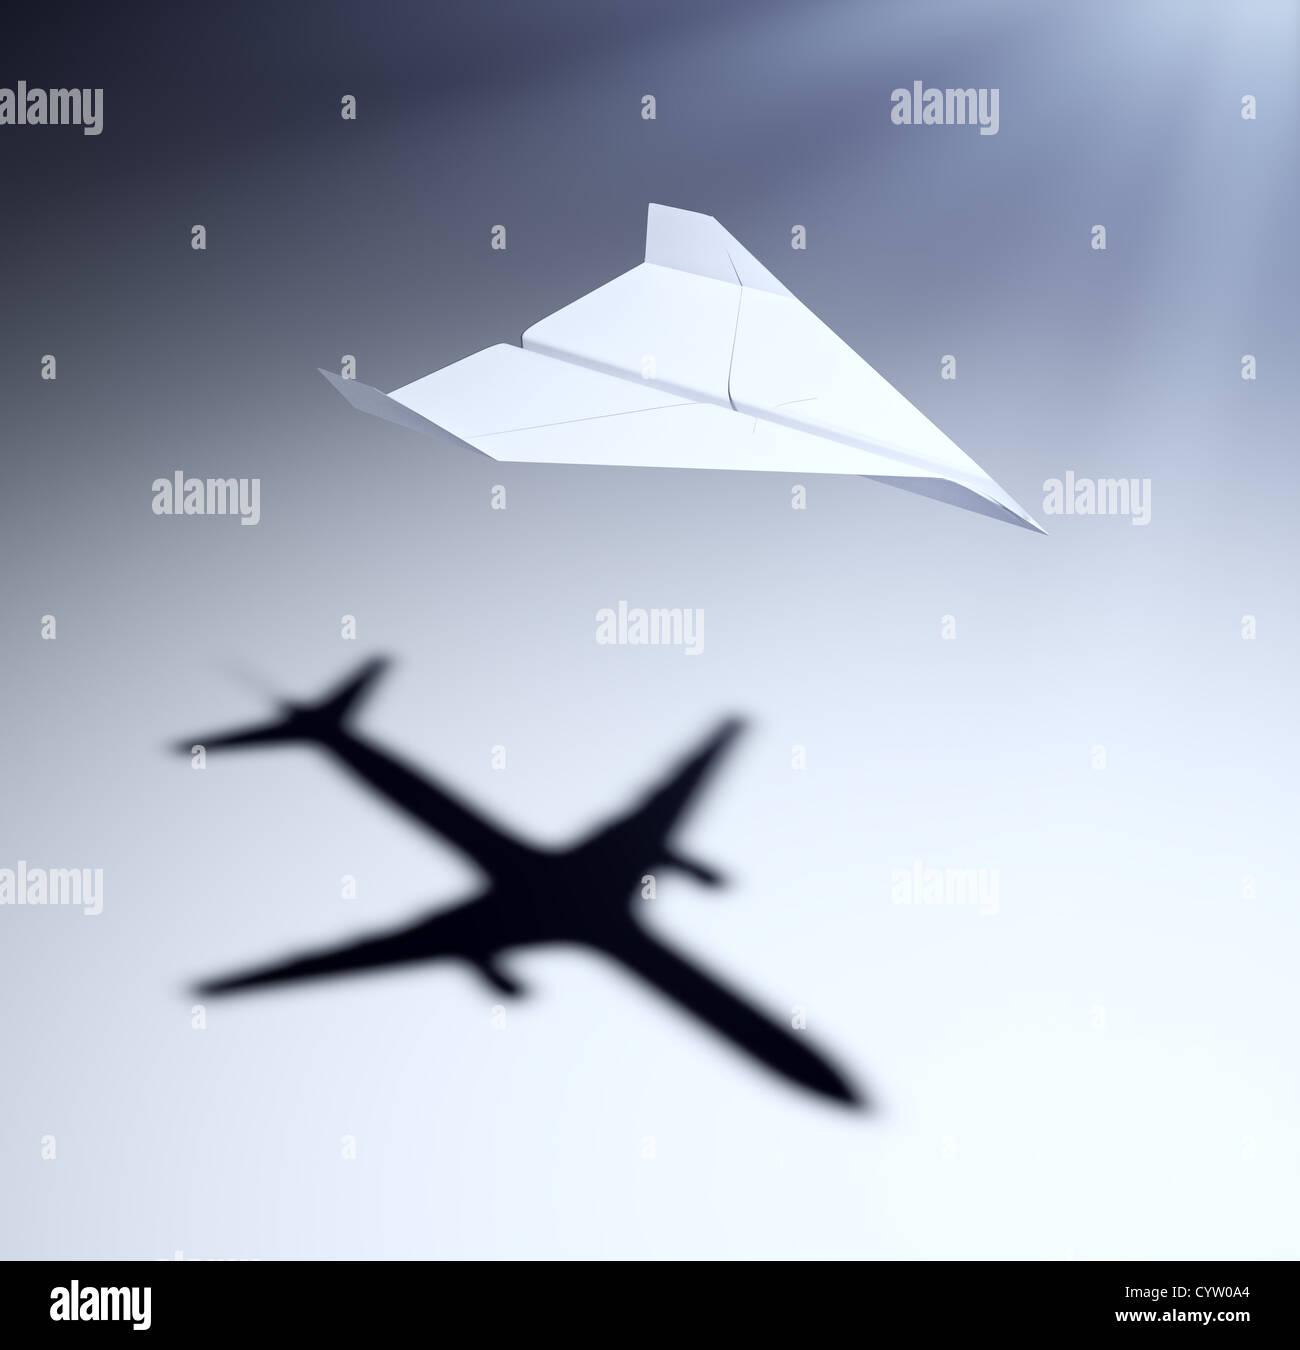 Avión de papel una sombra de un avión - visión y aspiraciones ilustración del concepto Imagen De Stock